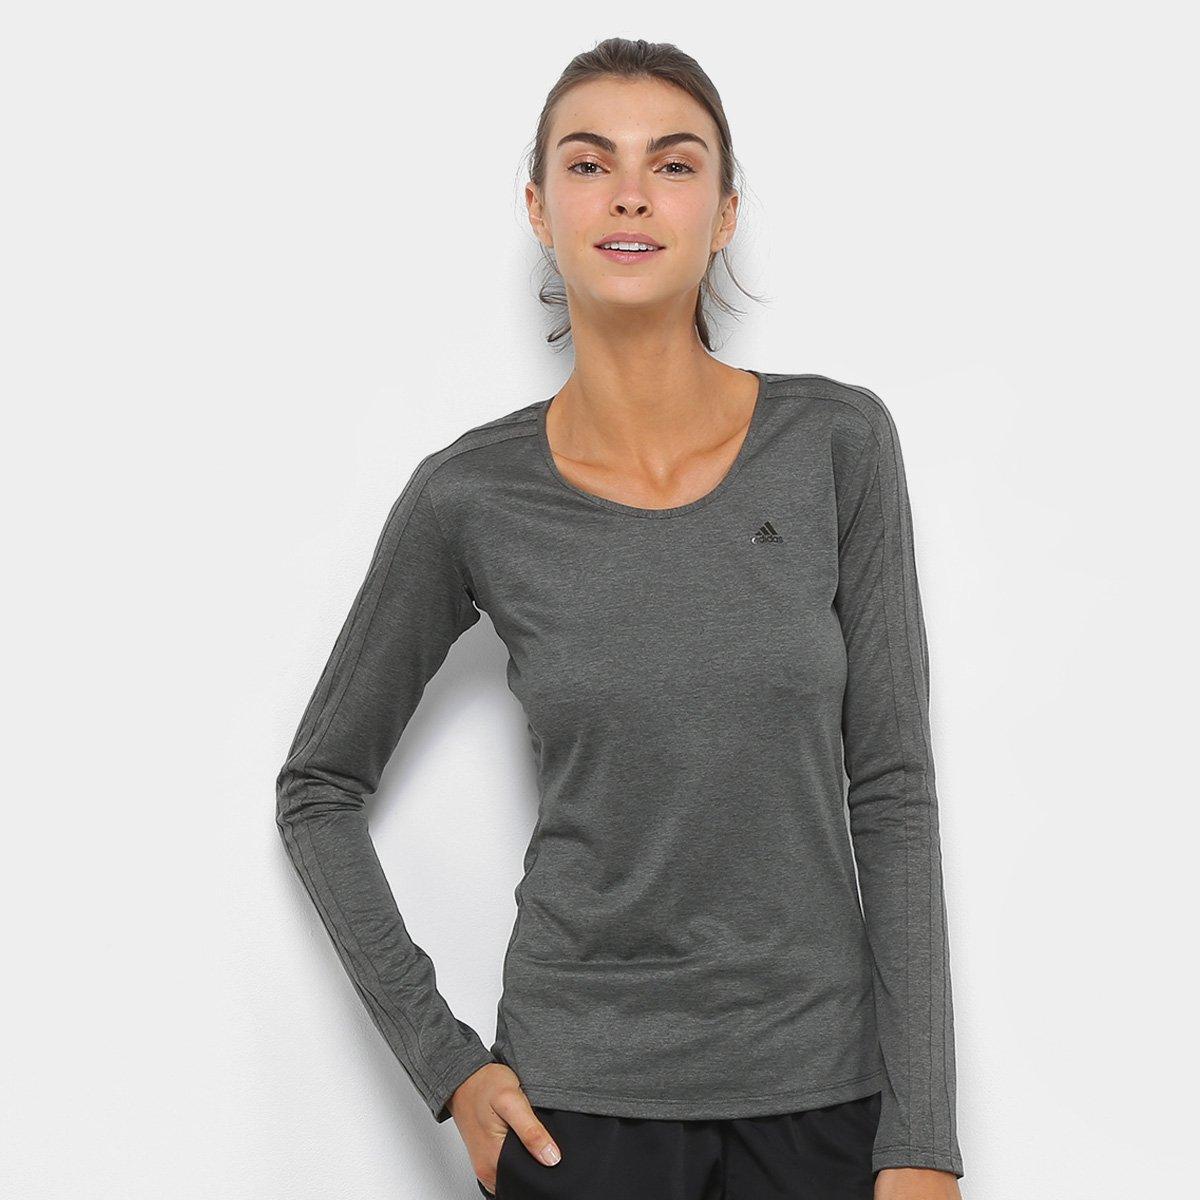 079ce84af21 Camiseta Adidas Manga Longa 3S Ls Feminina - Cinza e Preto - Compre Agora